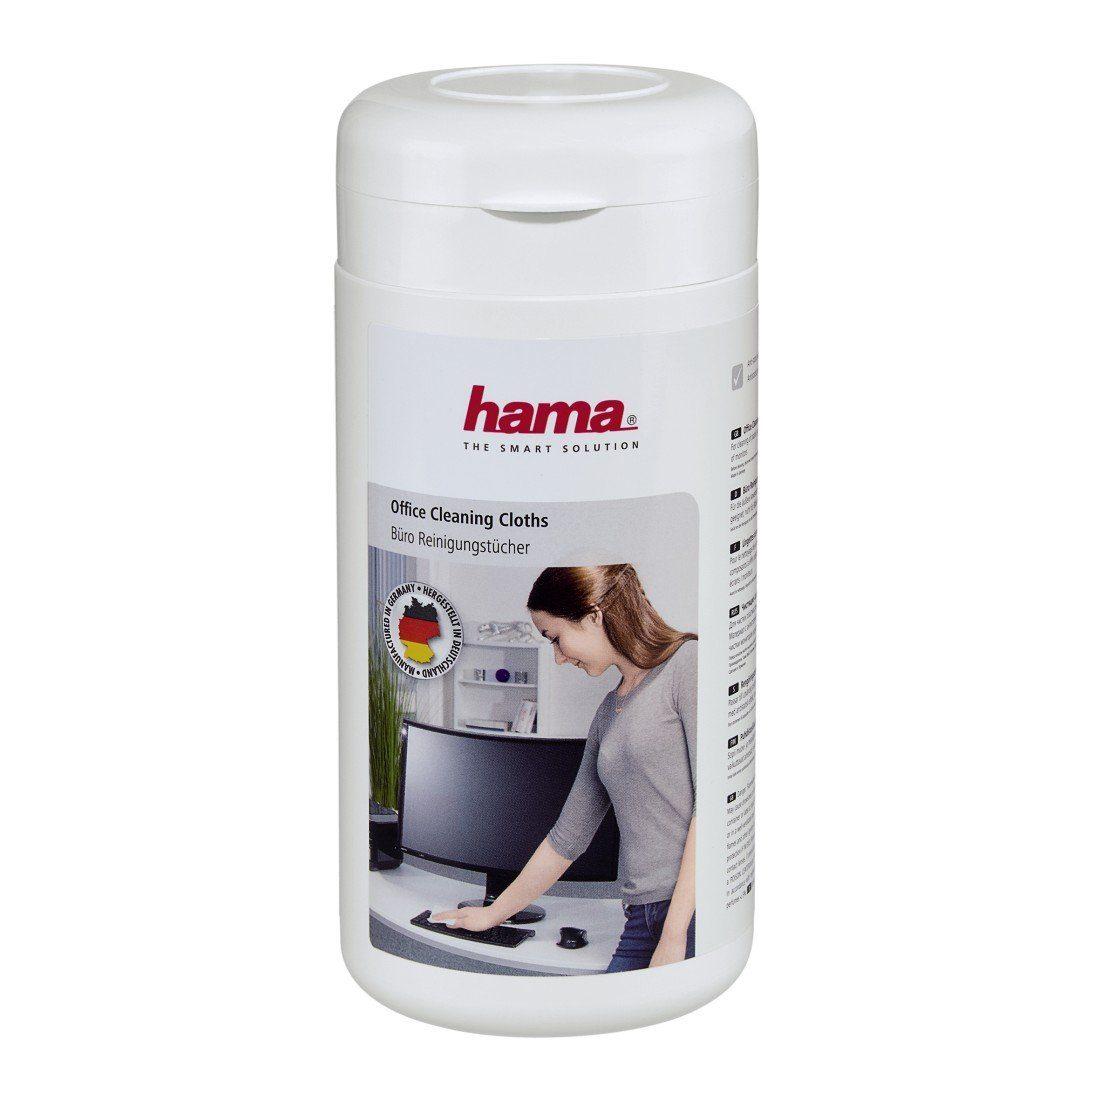 Hama Büro-Reinigungstücher, 100 Stück, in Spenderdose